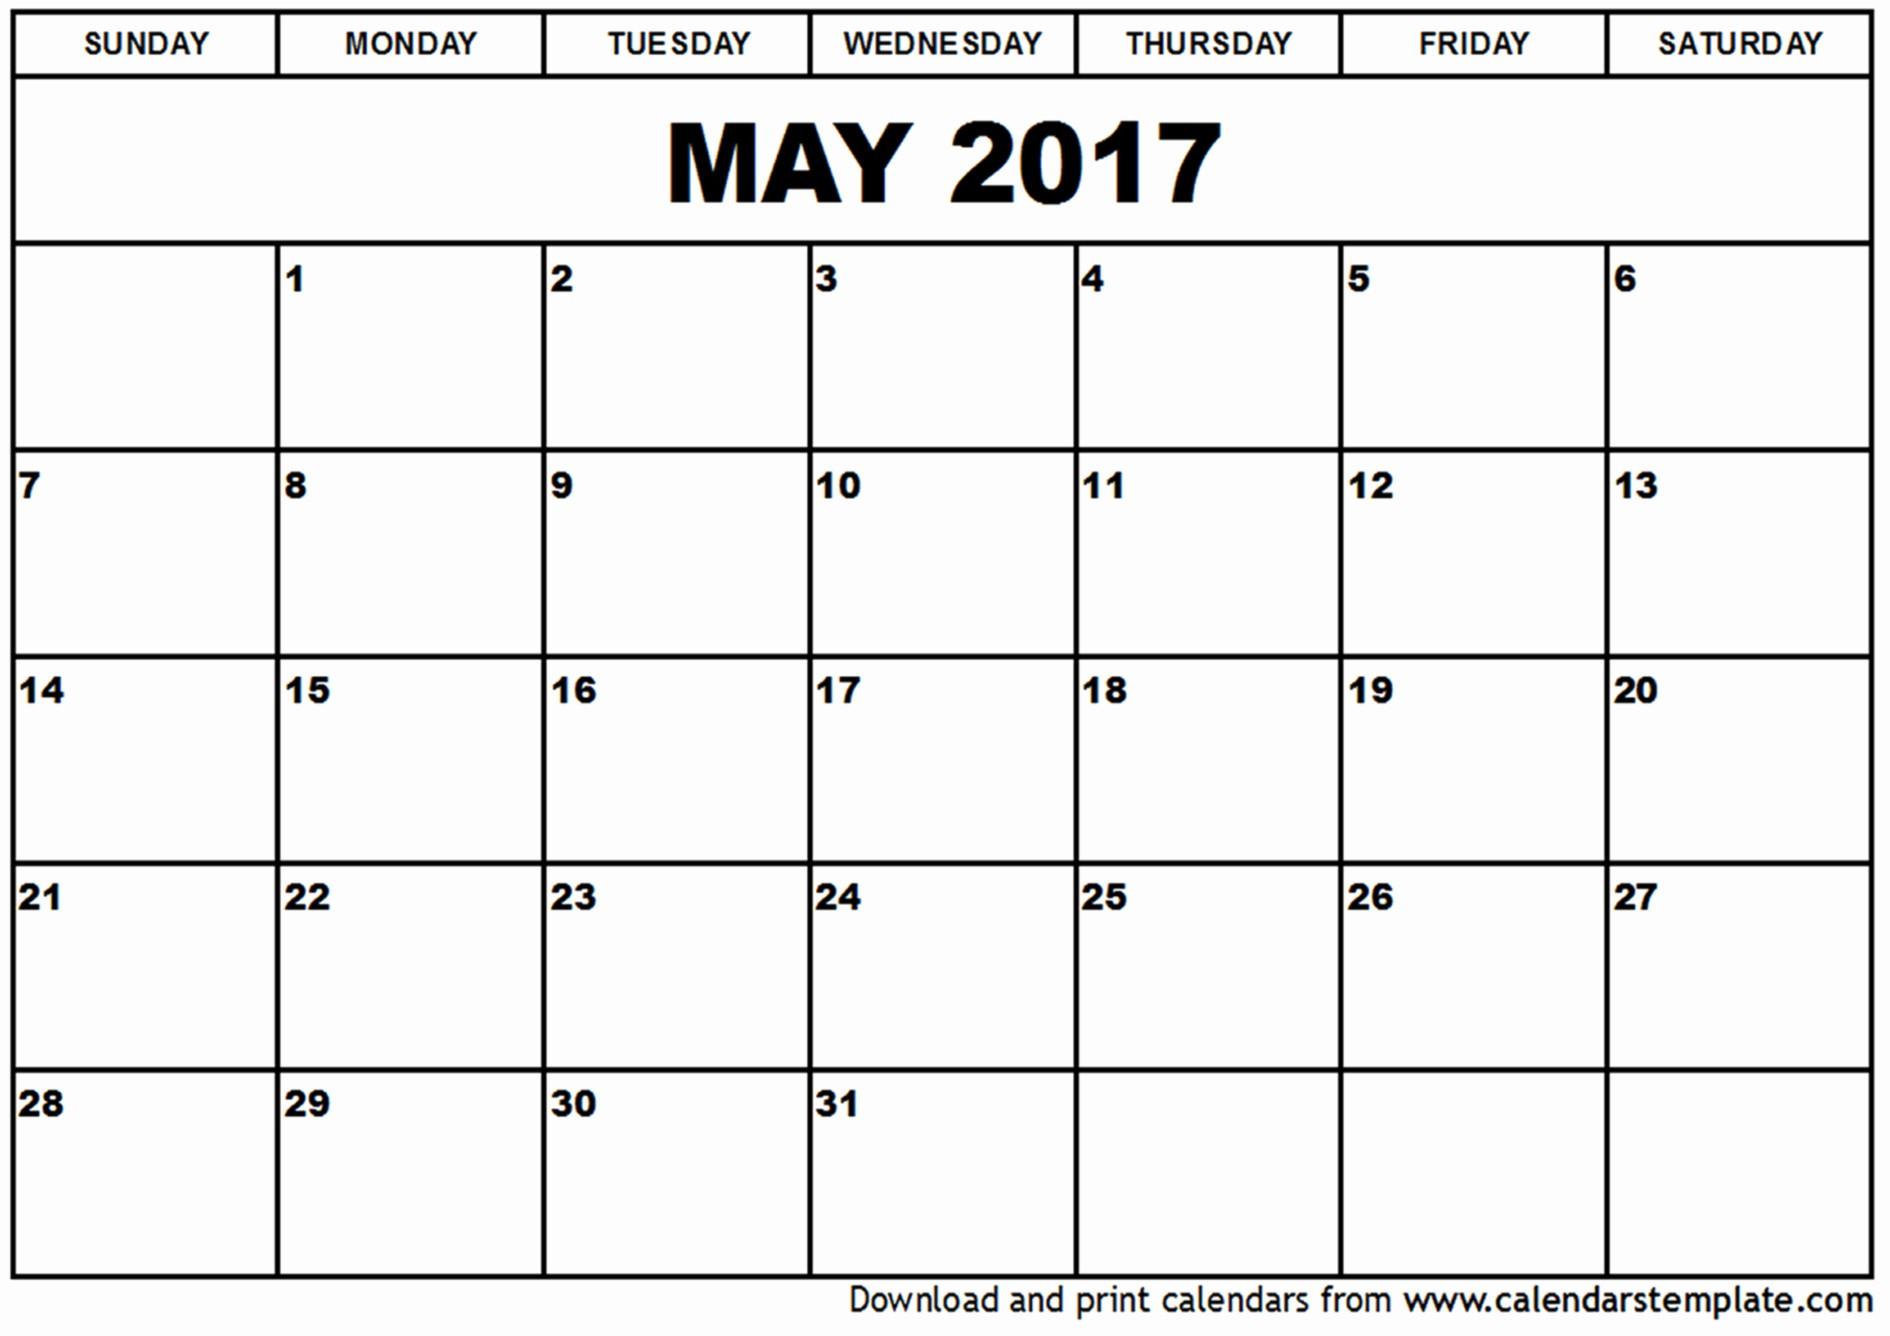 Blank May Calendar 2017 Printable Beautiful May 2017 Calendar Template